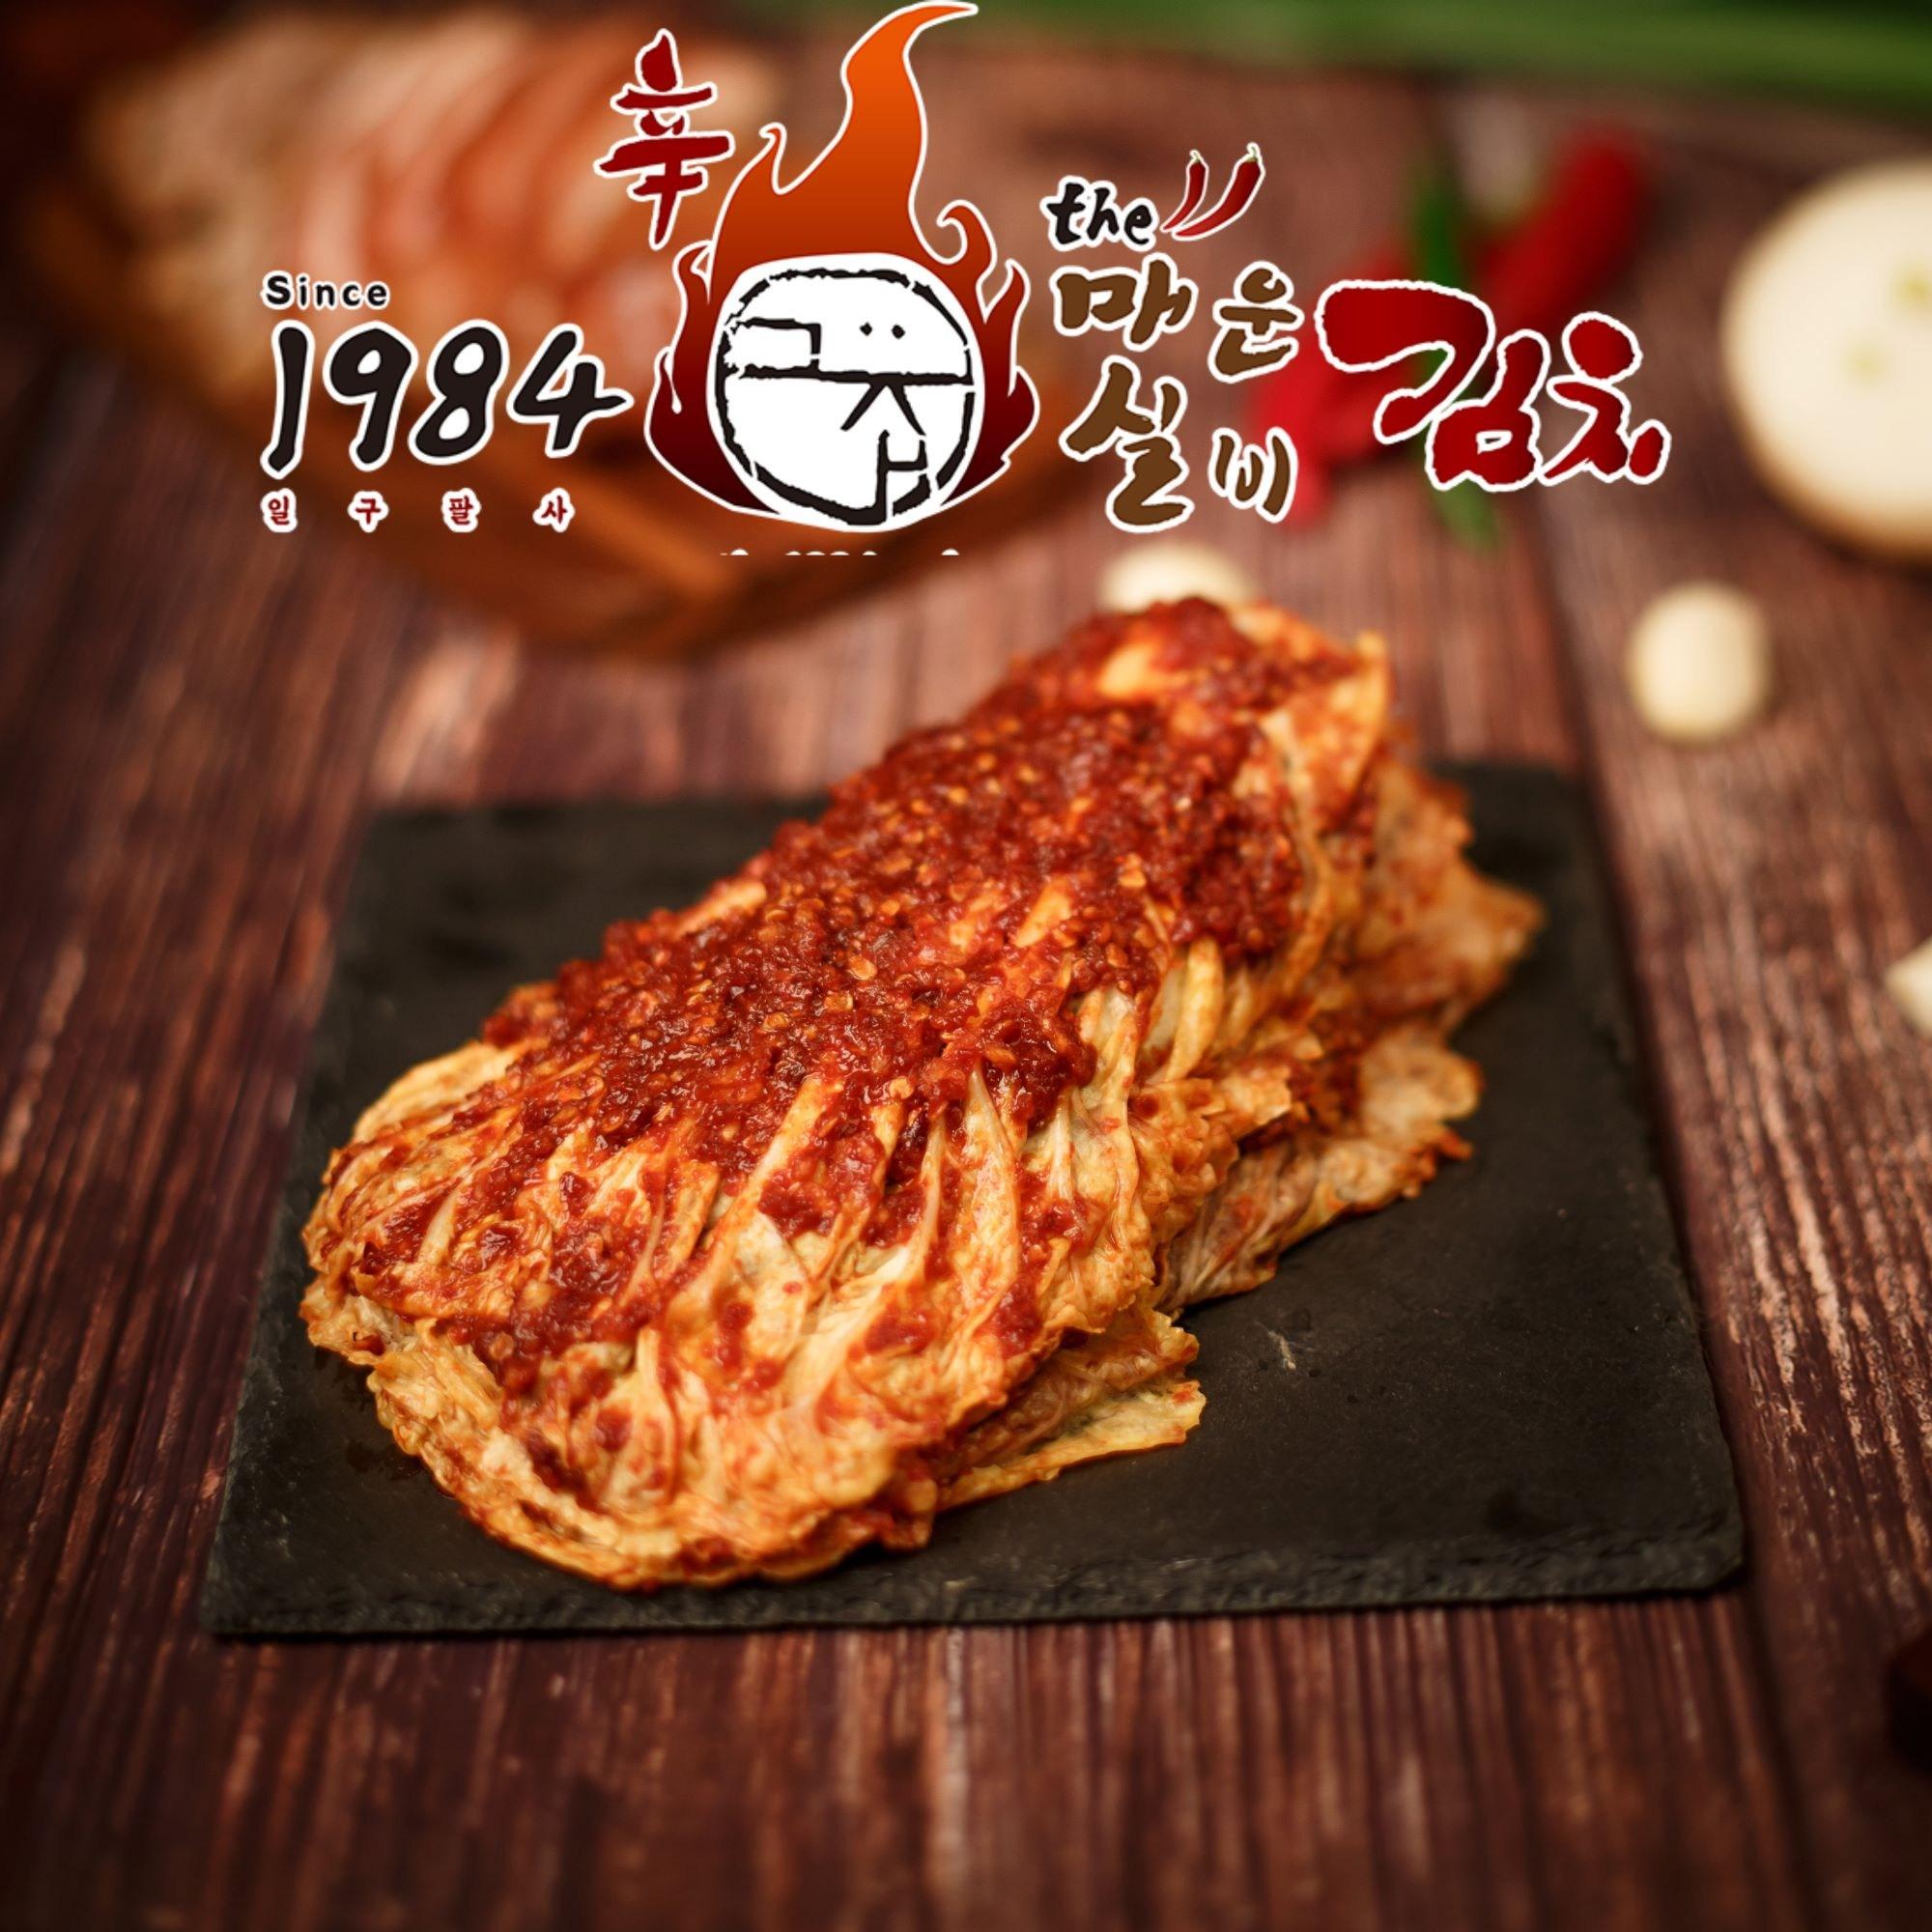 1984 더 매운 실비 김치 1.3kg, 단품